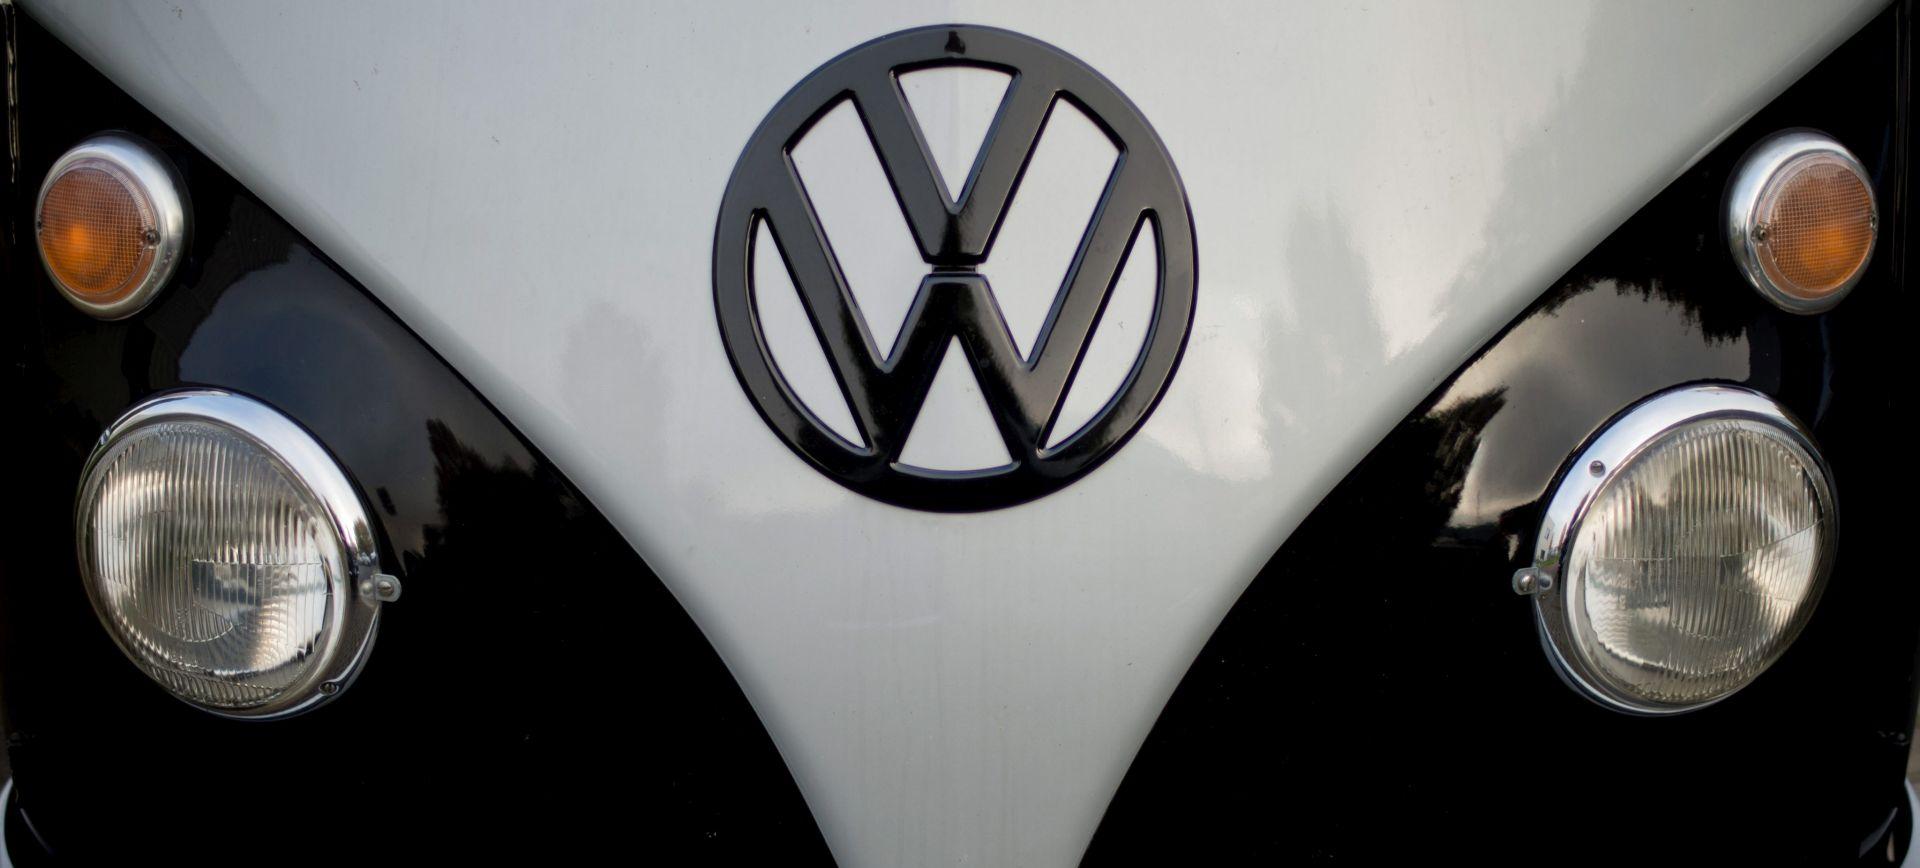 VOLKSWAGEN U NOVOM SKANDALU Otkrivene nepravilnosti u razinama CO2 kod 800 tisuća dizel vozila